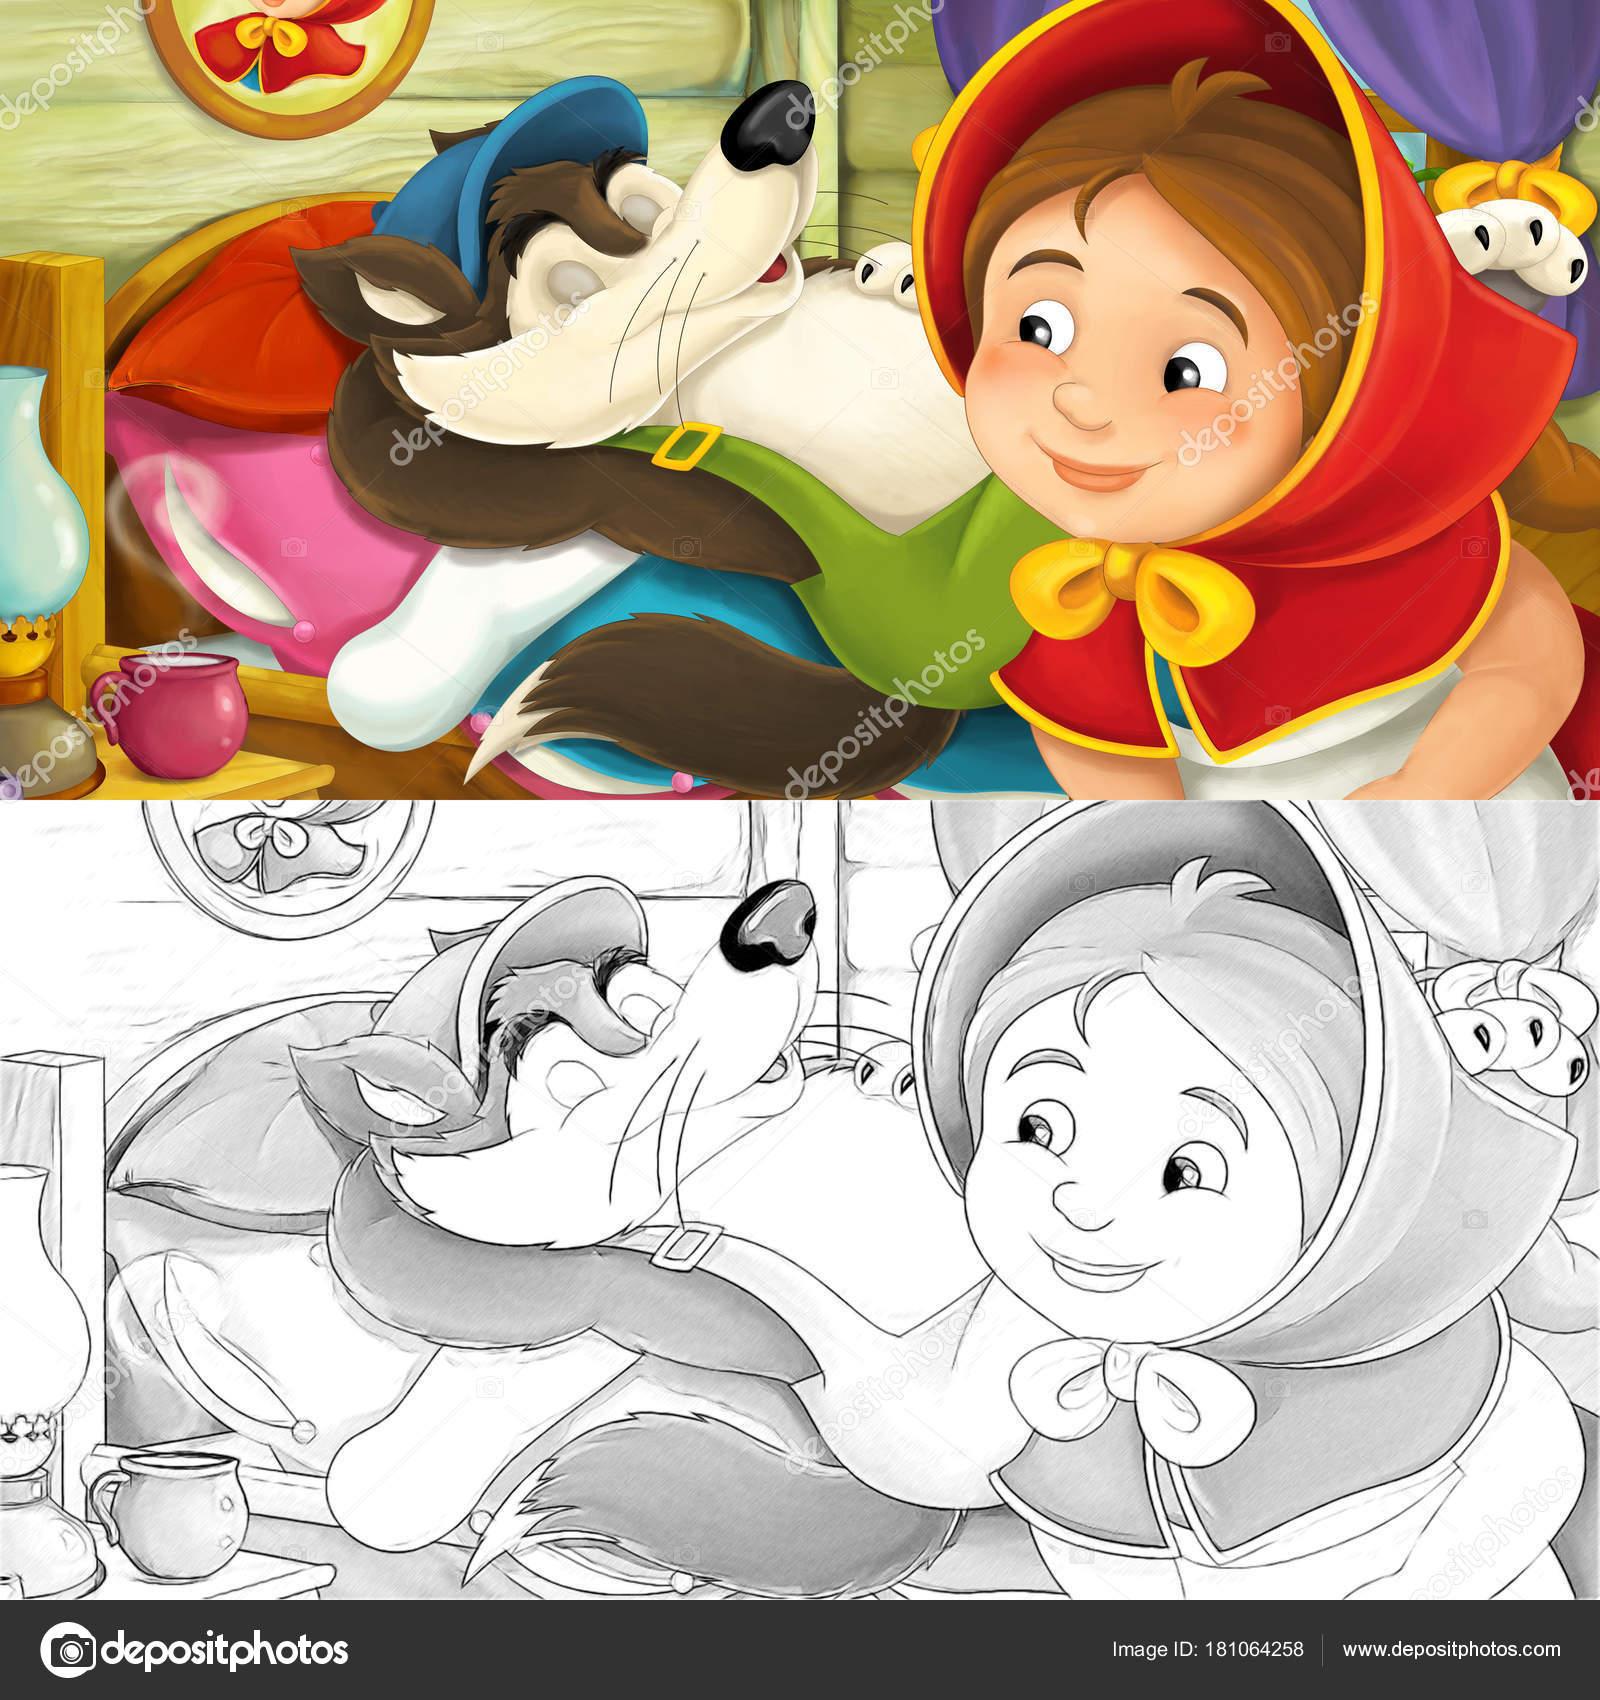 Escena Dibujos Animados Con Chica Lobo Ilustración Para Niños — Foto ...